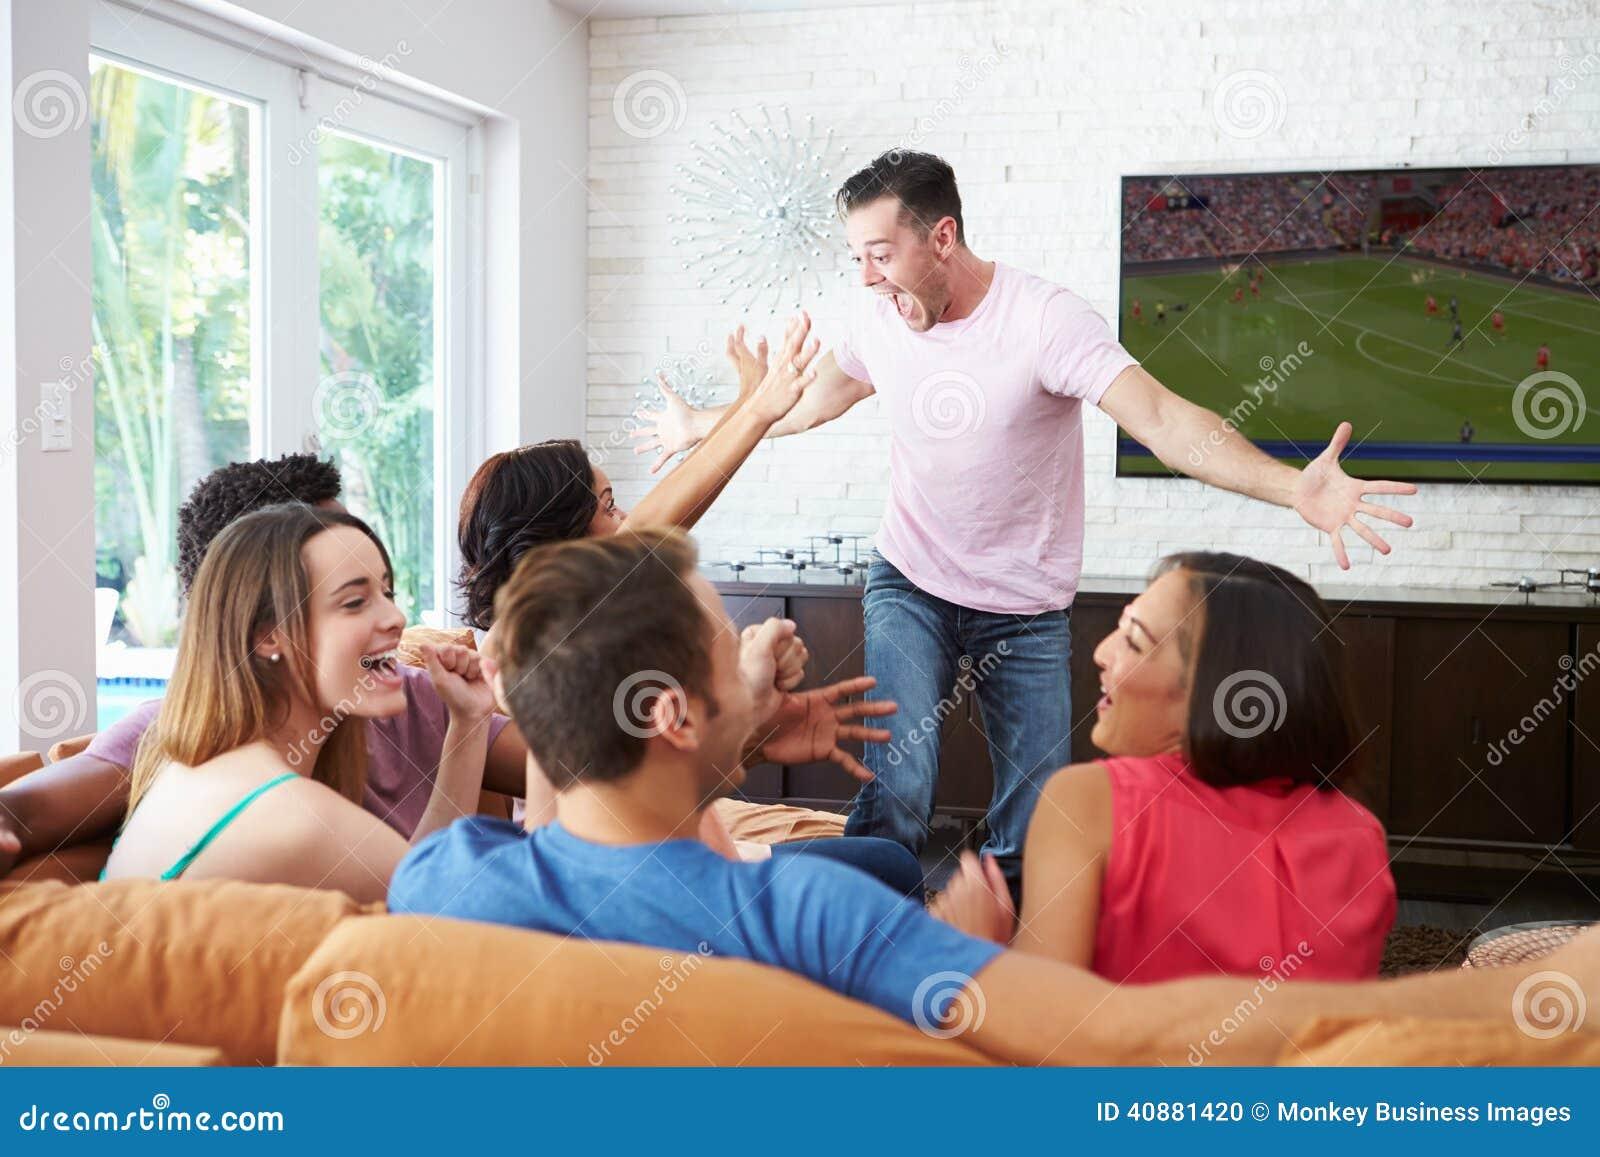 Gruppo di amici che si siedono su Sofa Watching Soccer Together